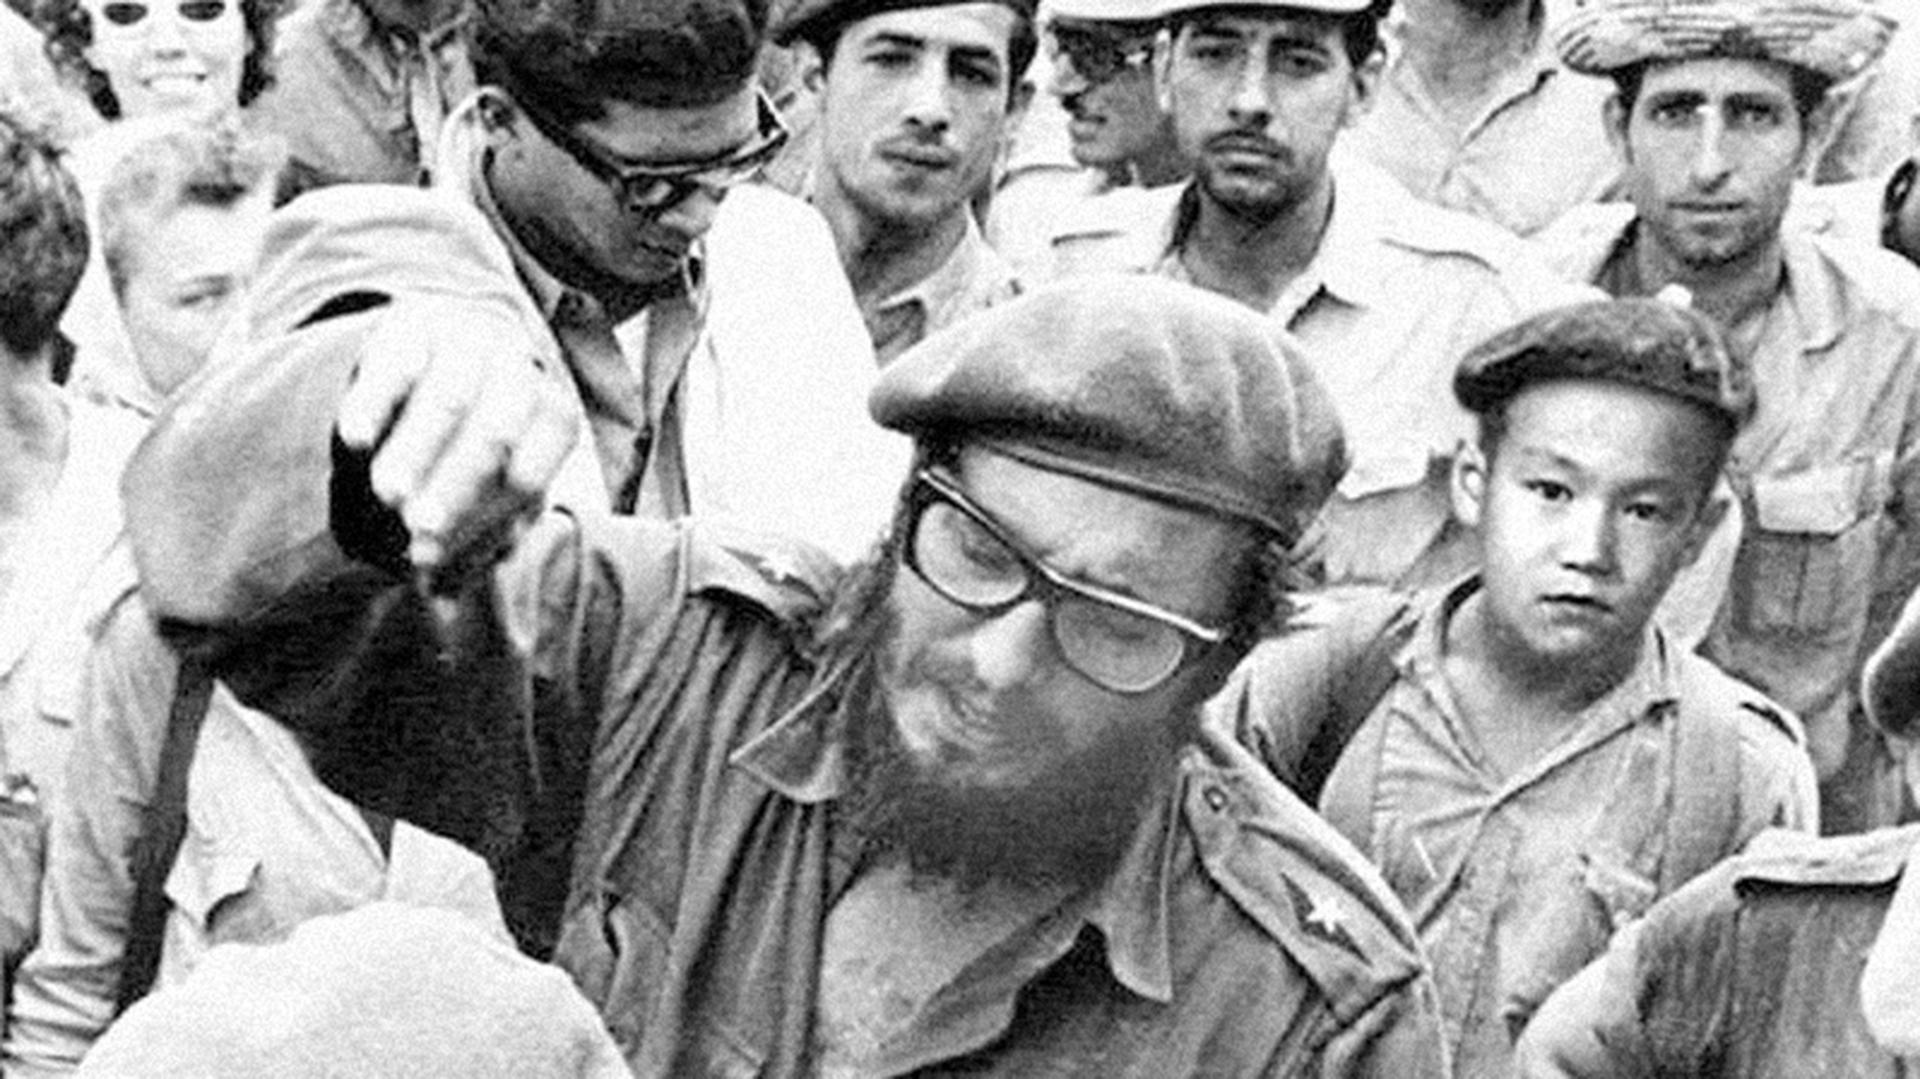 """Un jovencito Lim Zul lideró uno de los pelotones más sangrientos de Sierra Maestra. Fidel Castro lo adoraba y lo apodó """"el ponja"""""""